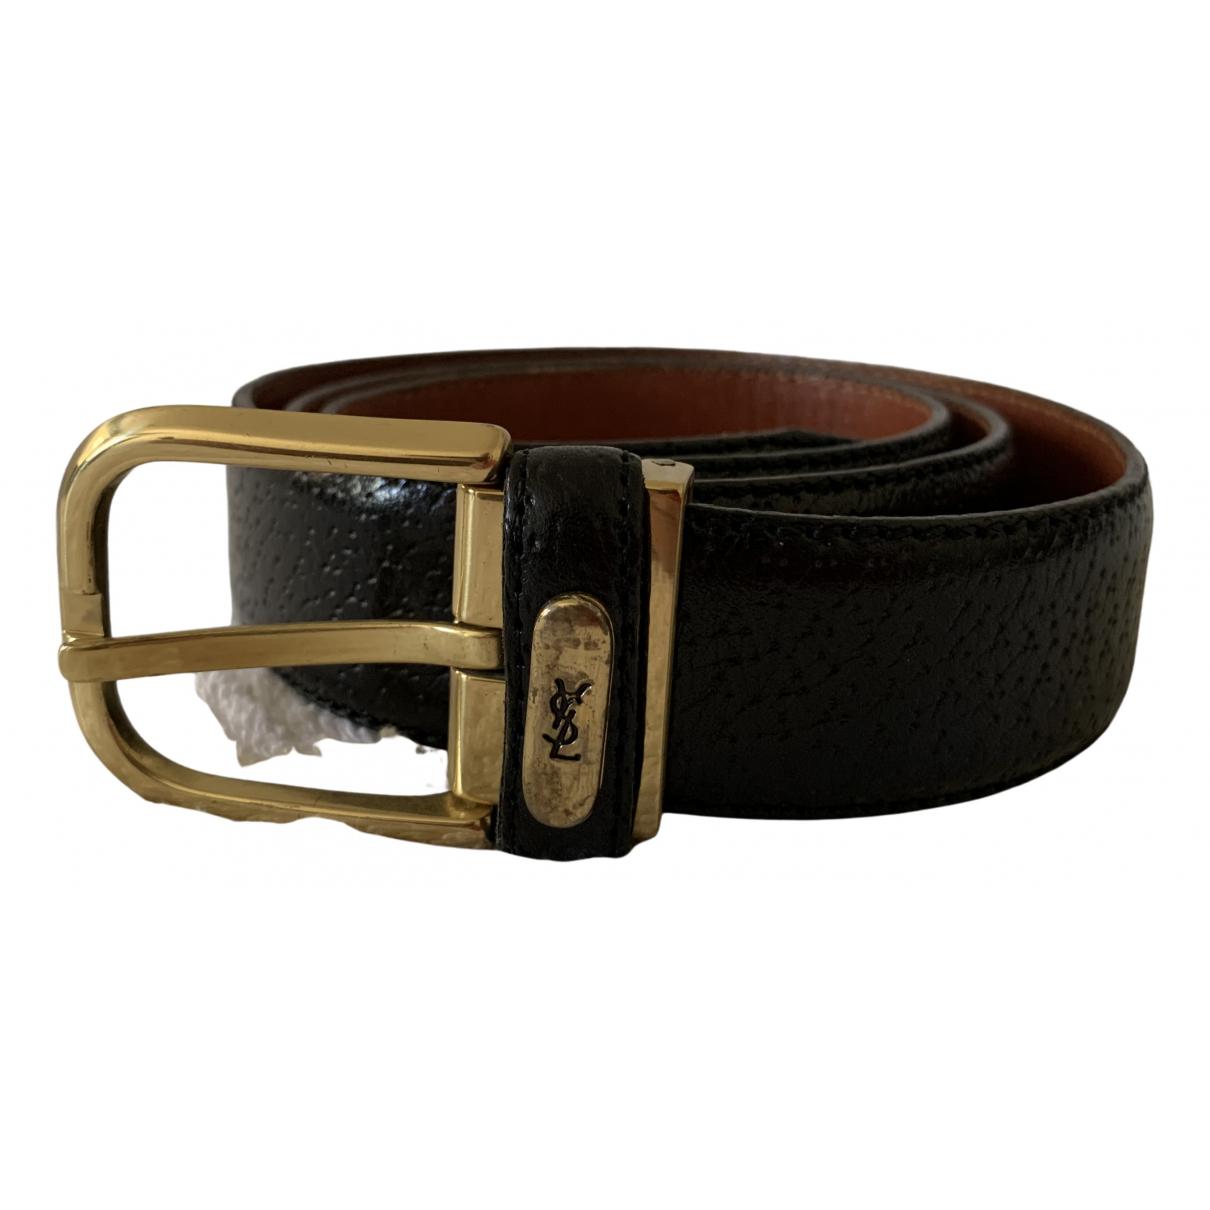 Yves Saint Laurent \N Black Leather belt for Women 85 cm